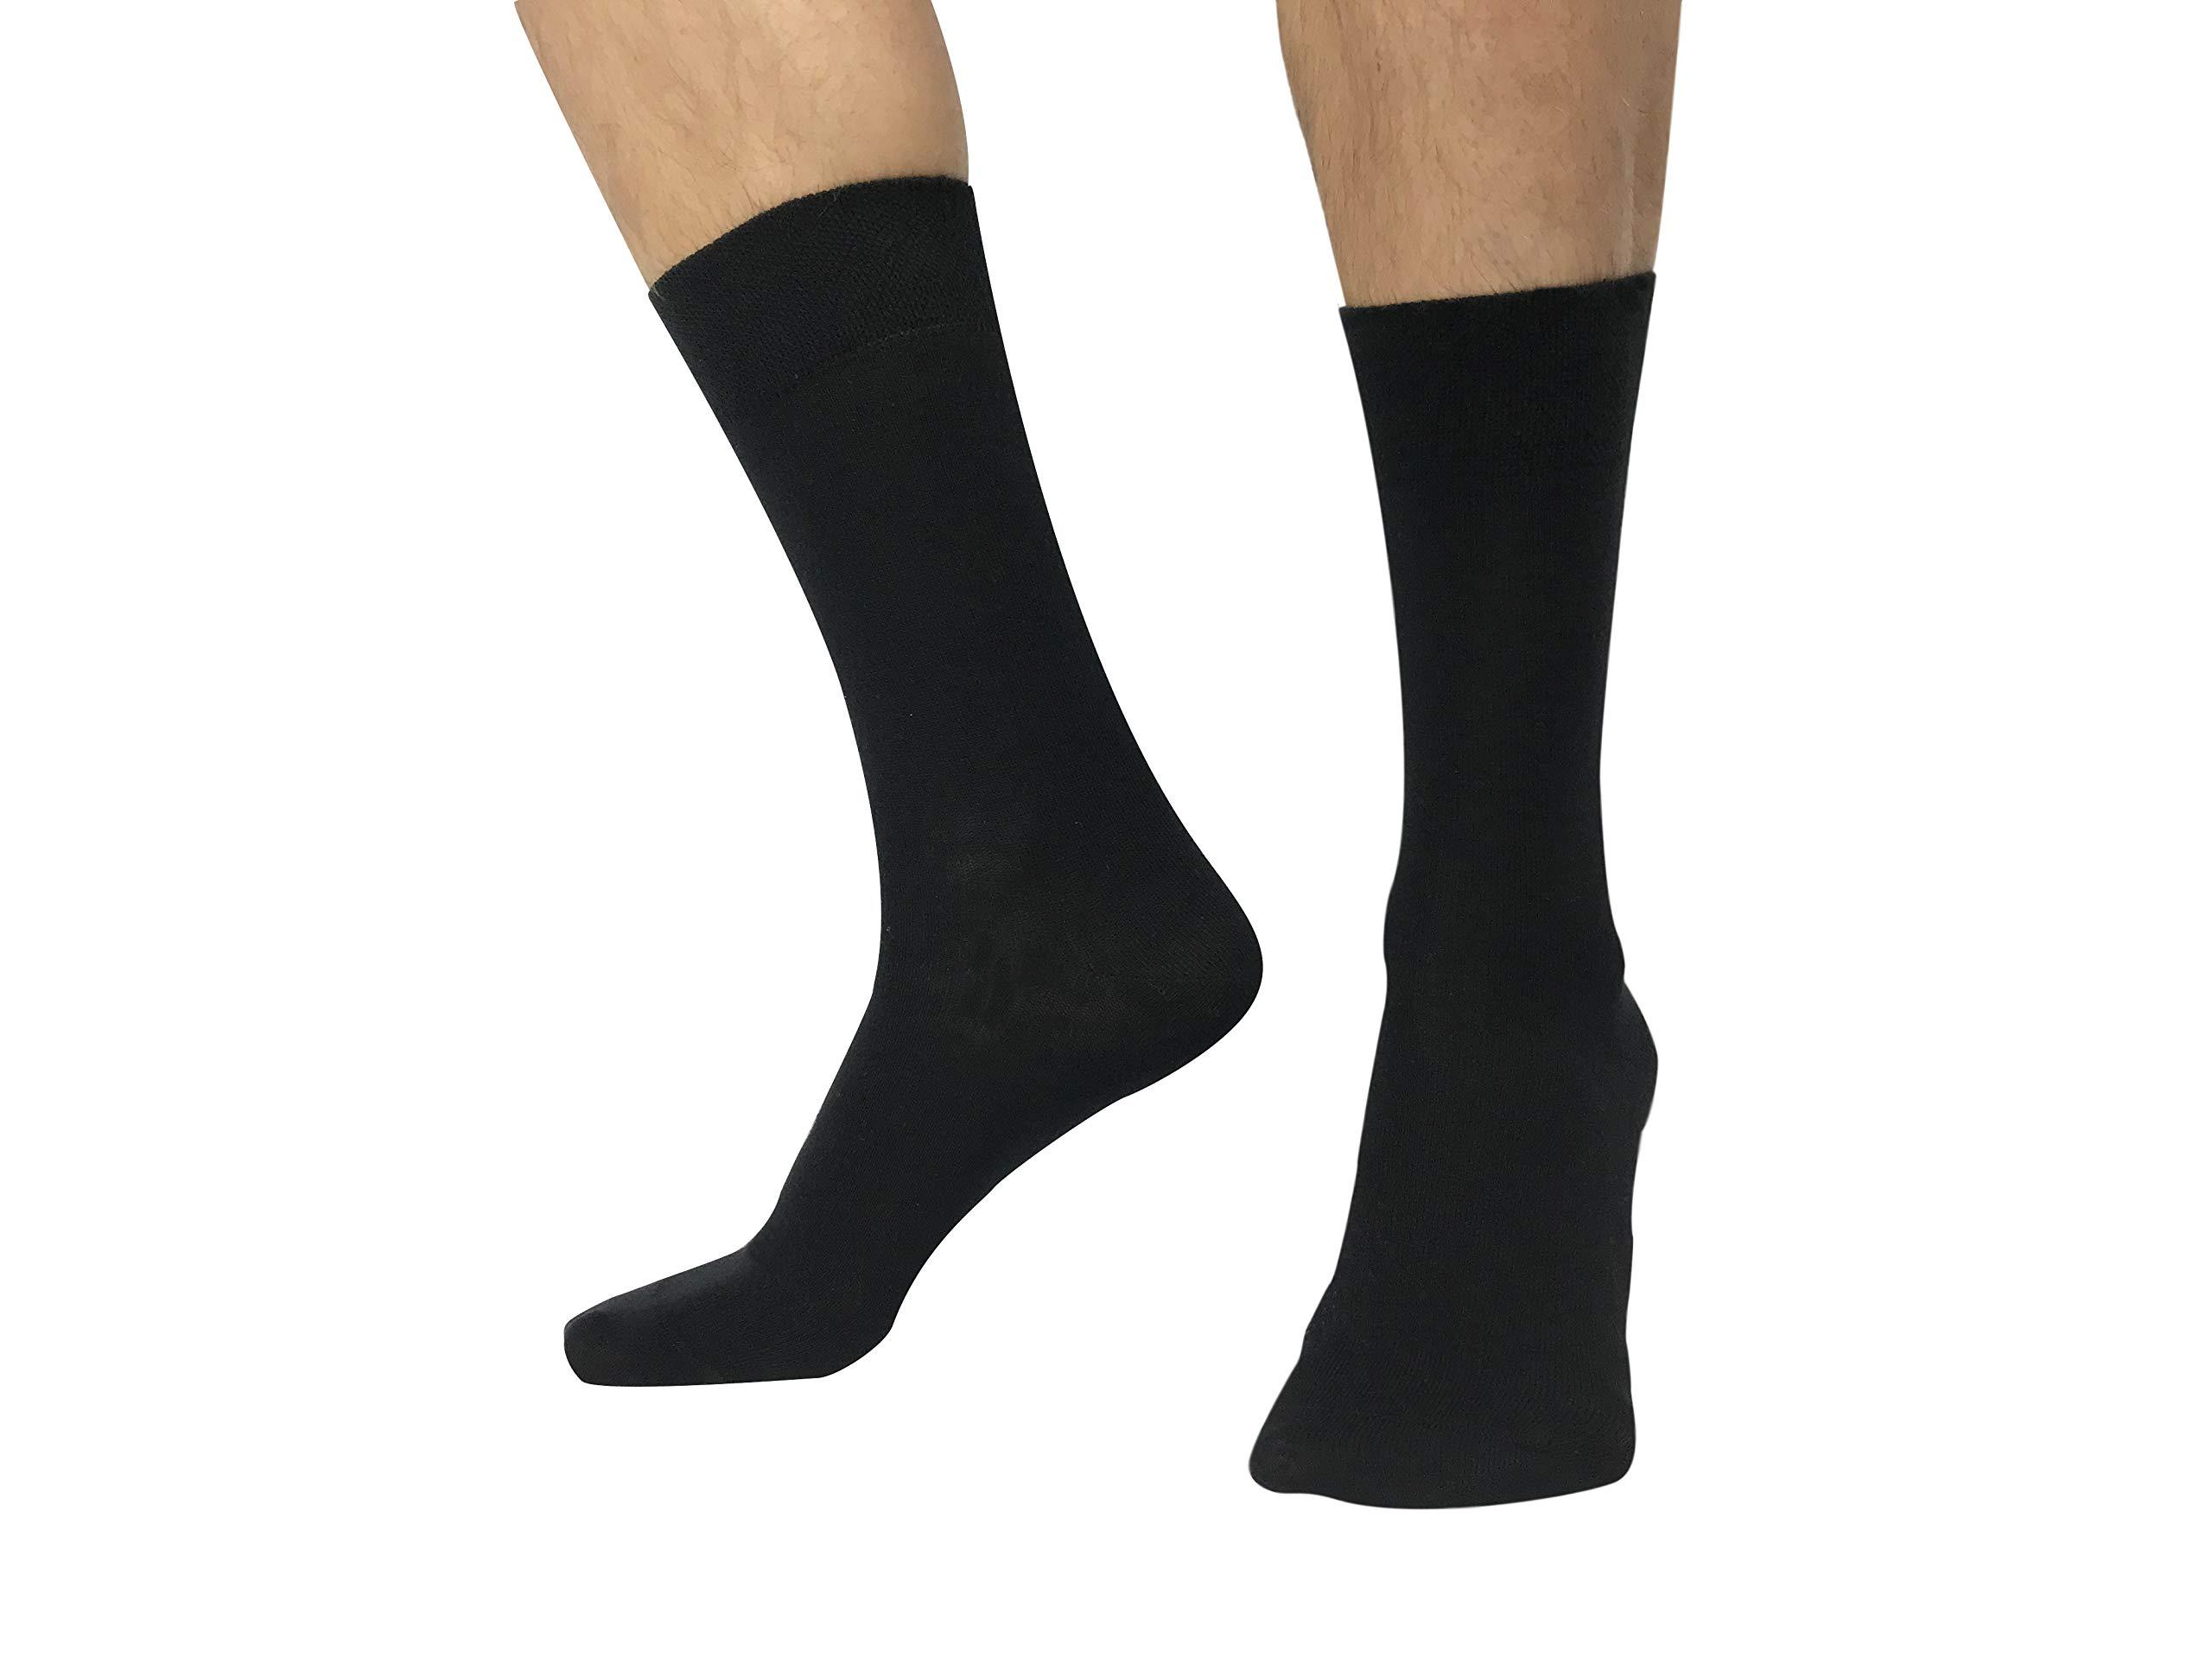 Amadeos Calcetines hombres algodon peinado de alta calidad - Tallas 36 a 46 product image